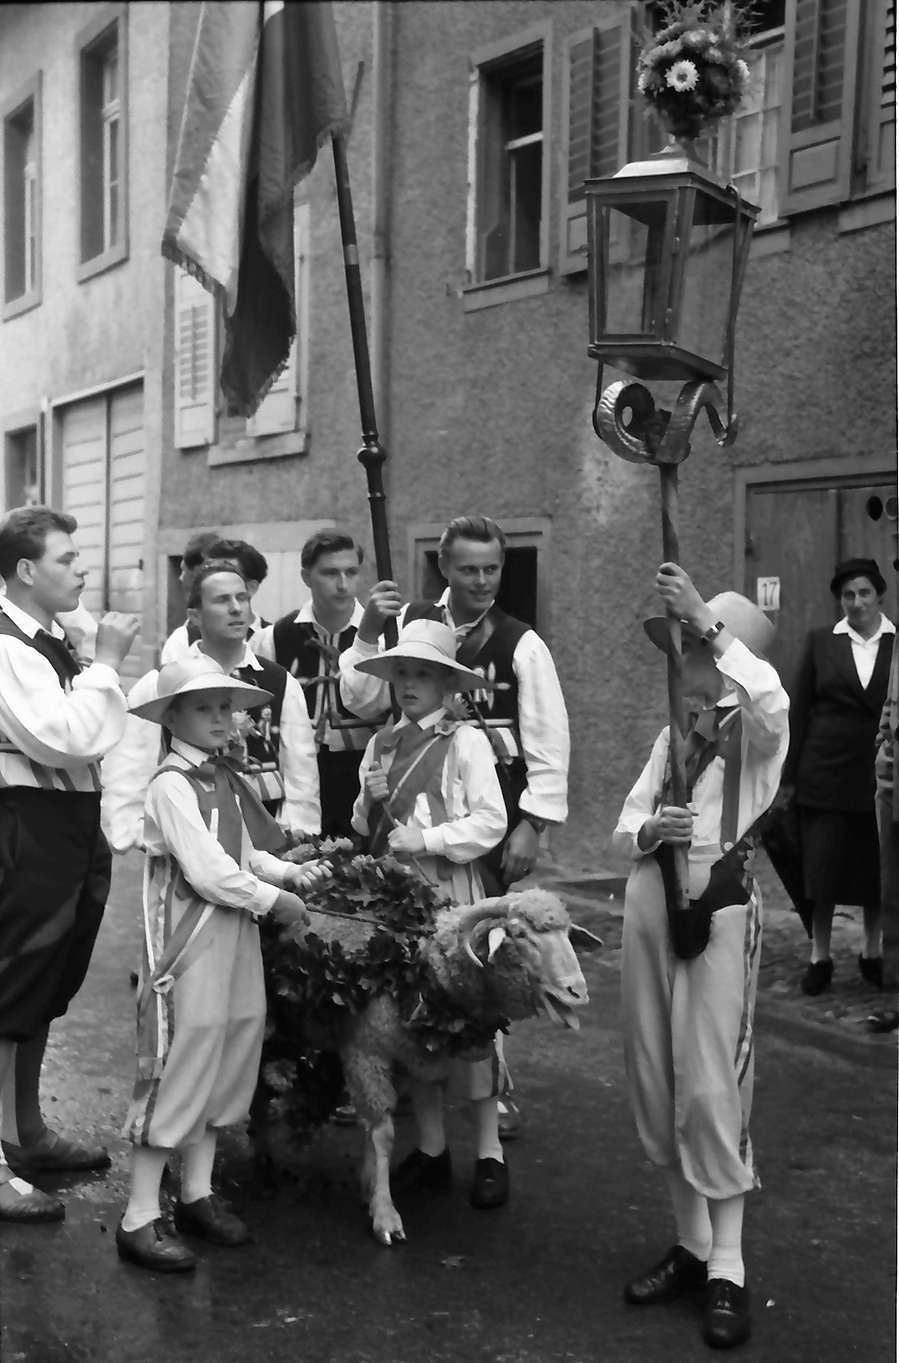 Waldshut: 489. Waldshuter Chilbi; Jungens mit Chilbibock vor dem Umzug, Bild 1